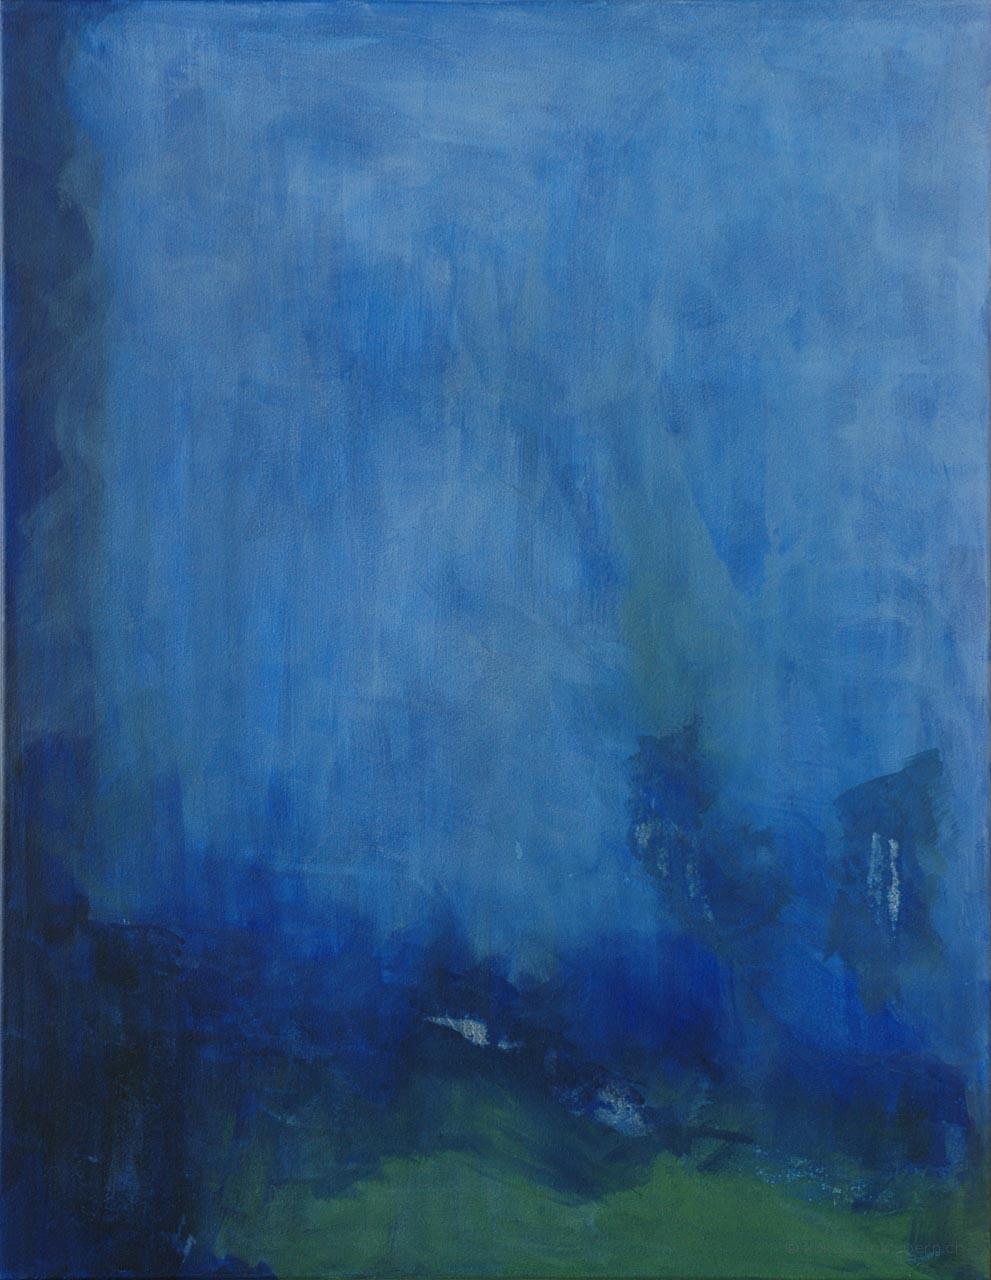 Am Gewitterwind - Acrylpigment auf Leinwand - von Judith Kaffka - kunstpunkt-bern.ch